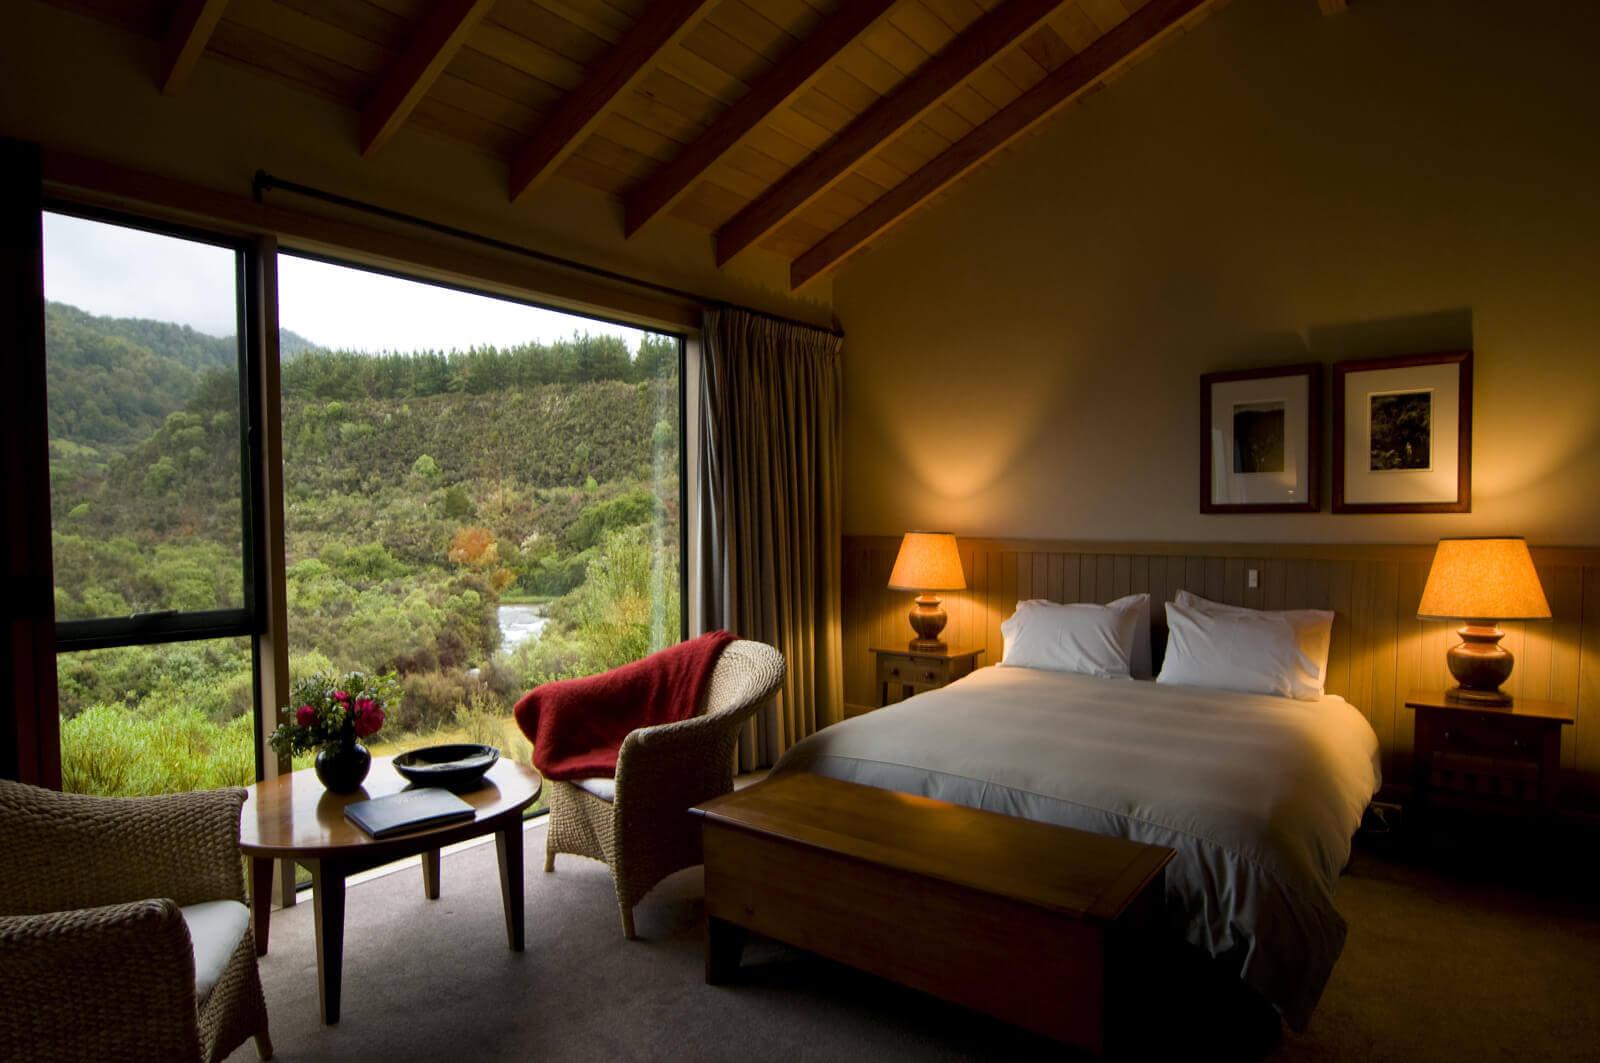 luxury_fly_fishing_sporting_lodge_bedroom - WEBSITE.jpg